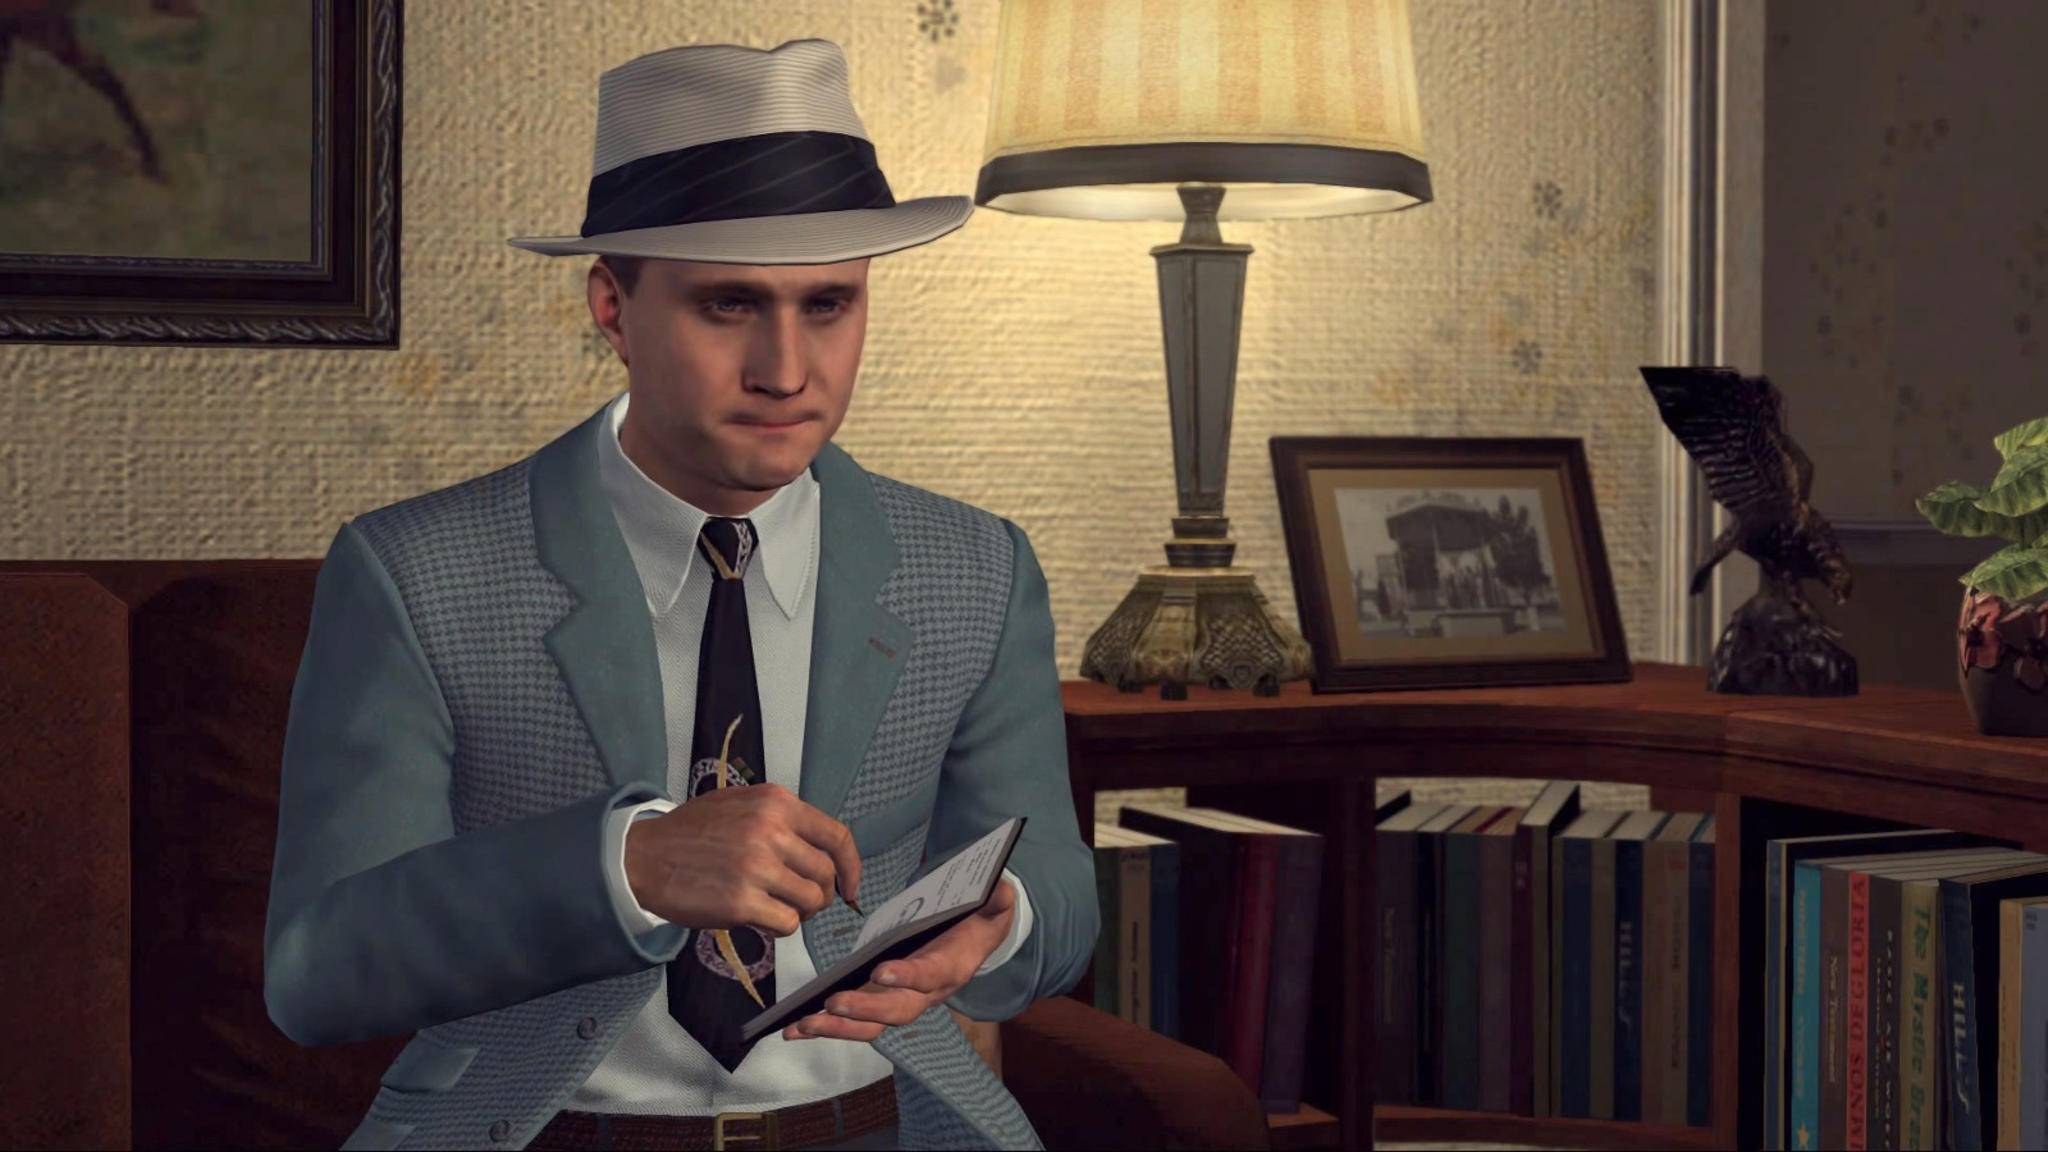 """Als Detektiv in """"L.A. Noire"""" musst Du in den Gesichtern von Verdächtigen lesen, ob sie die Wahrheit sagen. Schöne Idee – aber wirklich gut funktioniert das nicht."""